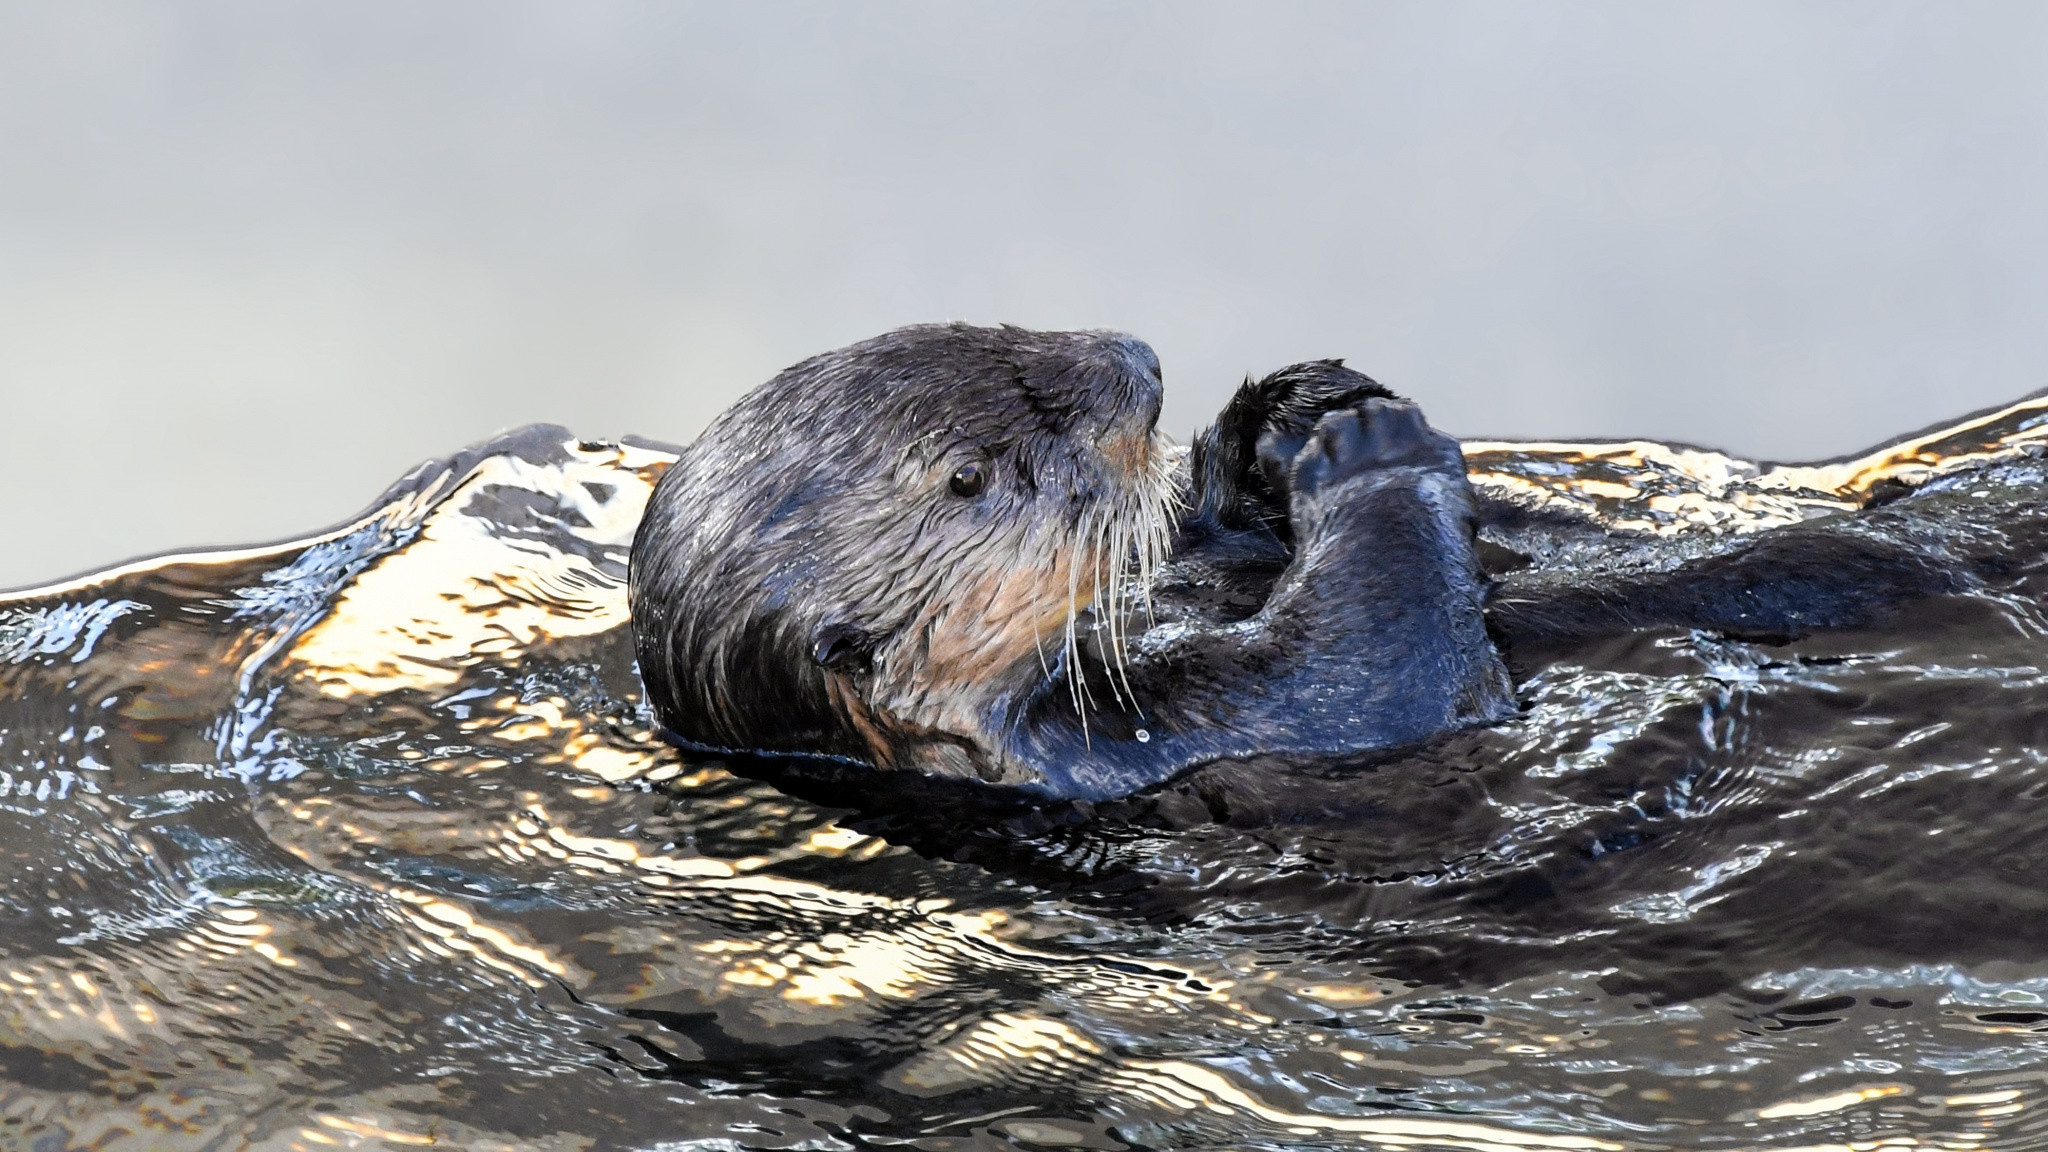 Res: 2048x1152, Sea otter, aquatic animal, swim,  wallpaper